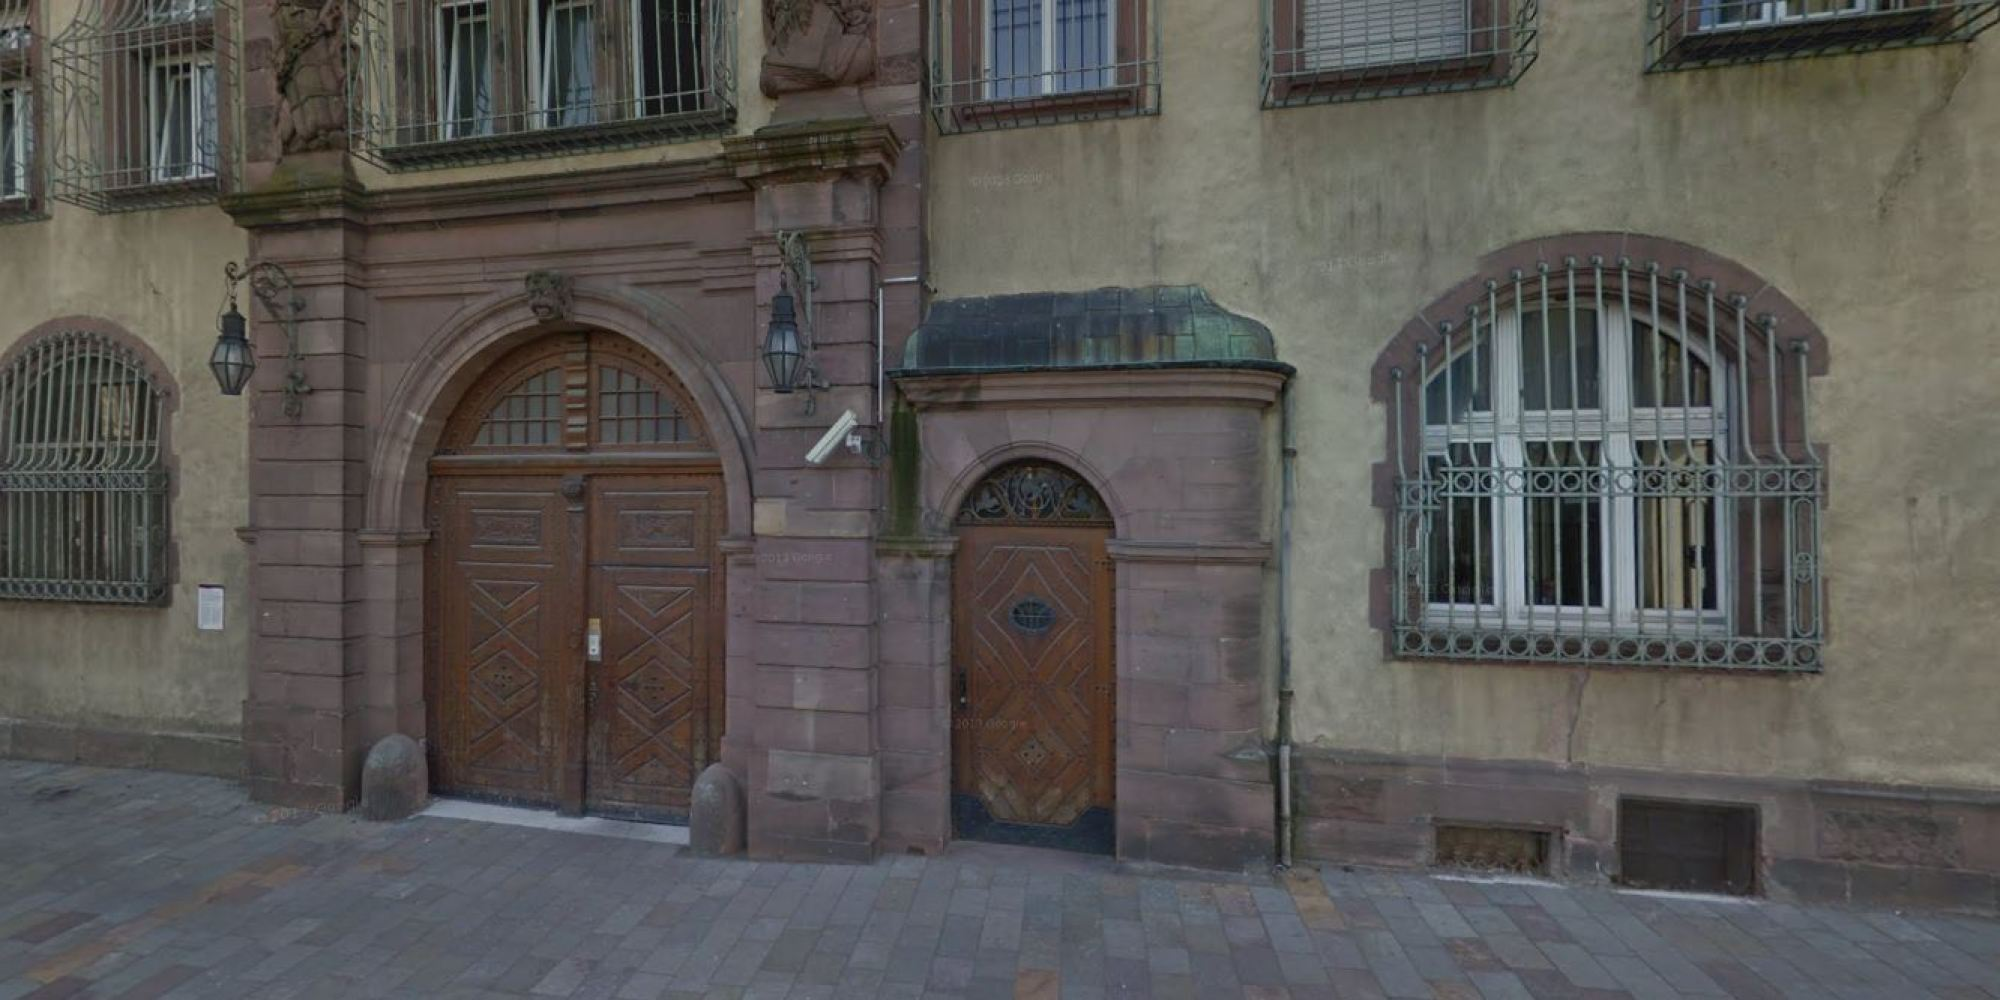 un psychologue pris en otage par un d 233 tenu de la maison centrale d ensisheim en alsace ce qu